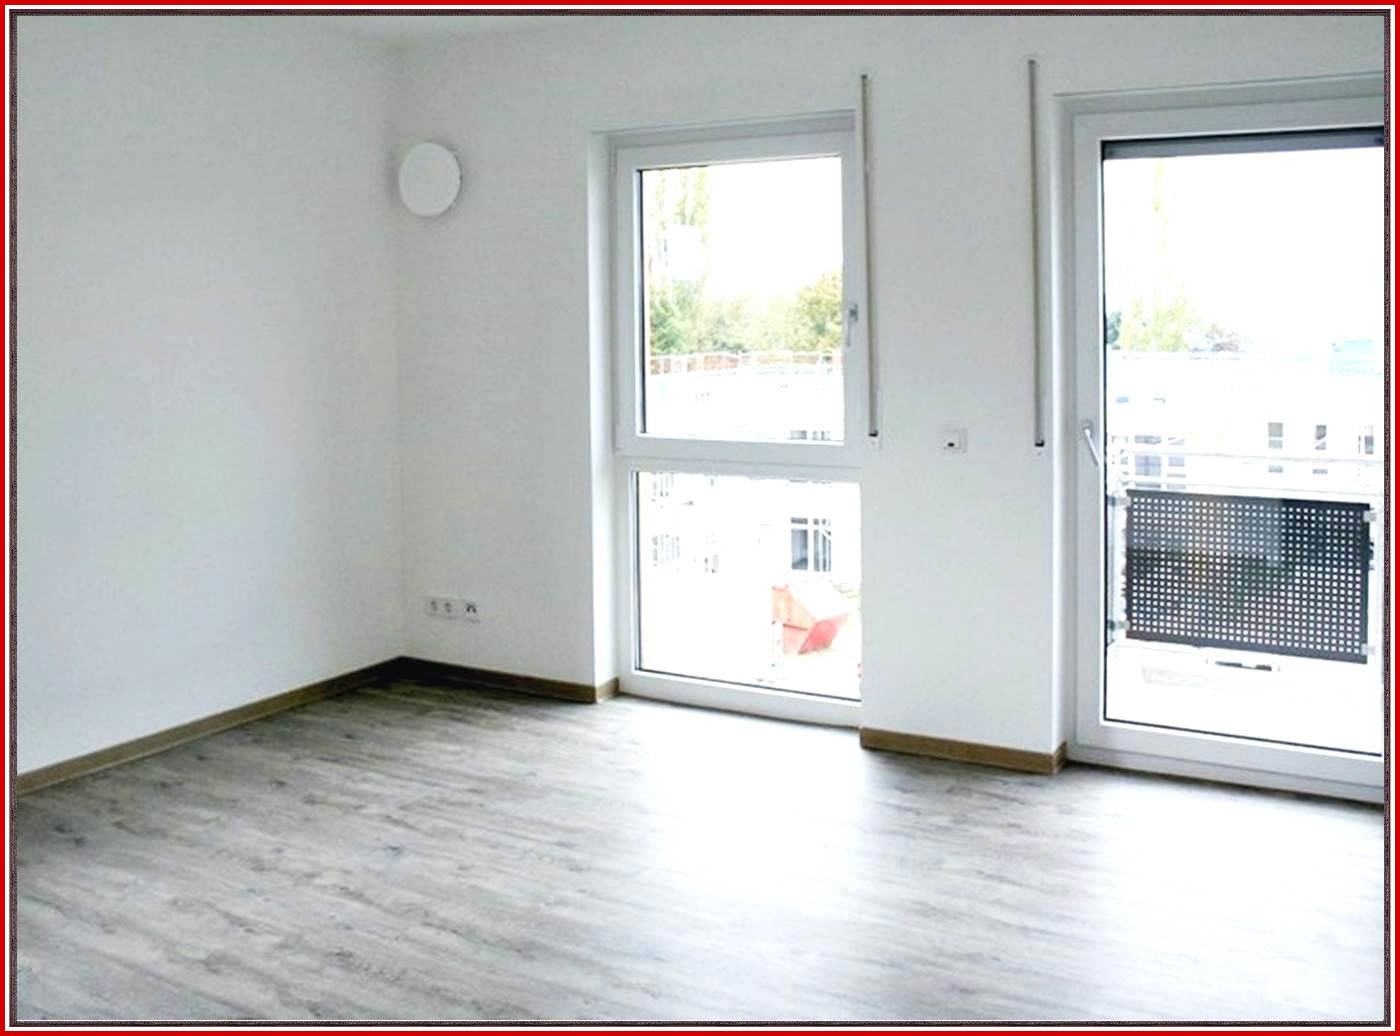 Full Size of Bodentiefe Fenster Unten Feststehend Schüco Kaufen Online Sonnenschutz Innen Einbruchschutz Folie Drutex Test Zwangsbelüftung Nachrüsten Velux Preise Fenster Bodentiefe Fenster